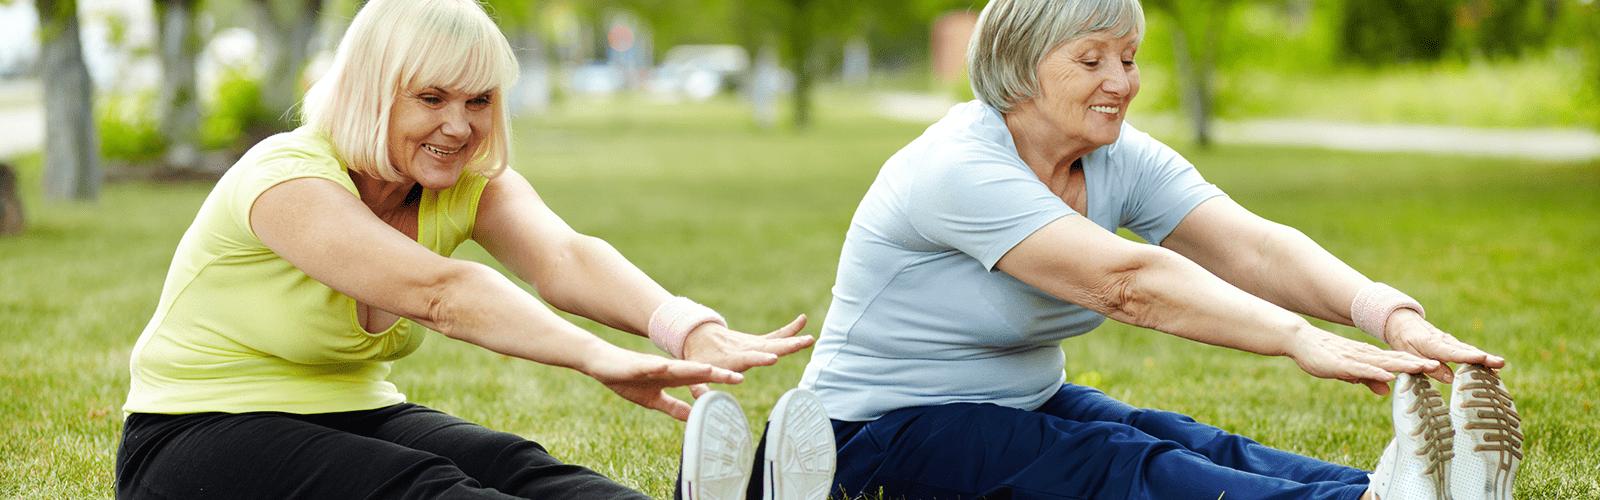 exercise & blood glucose